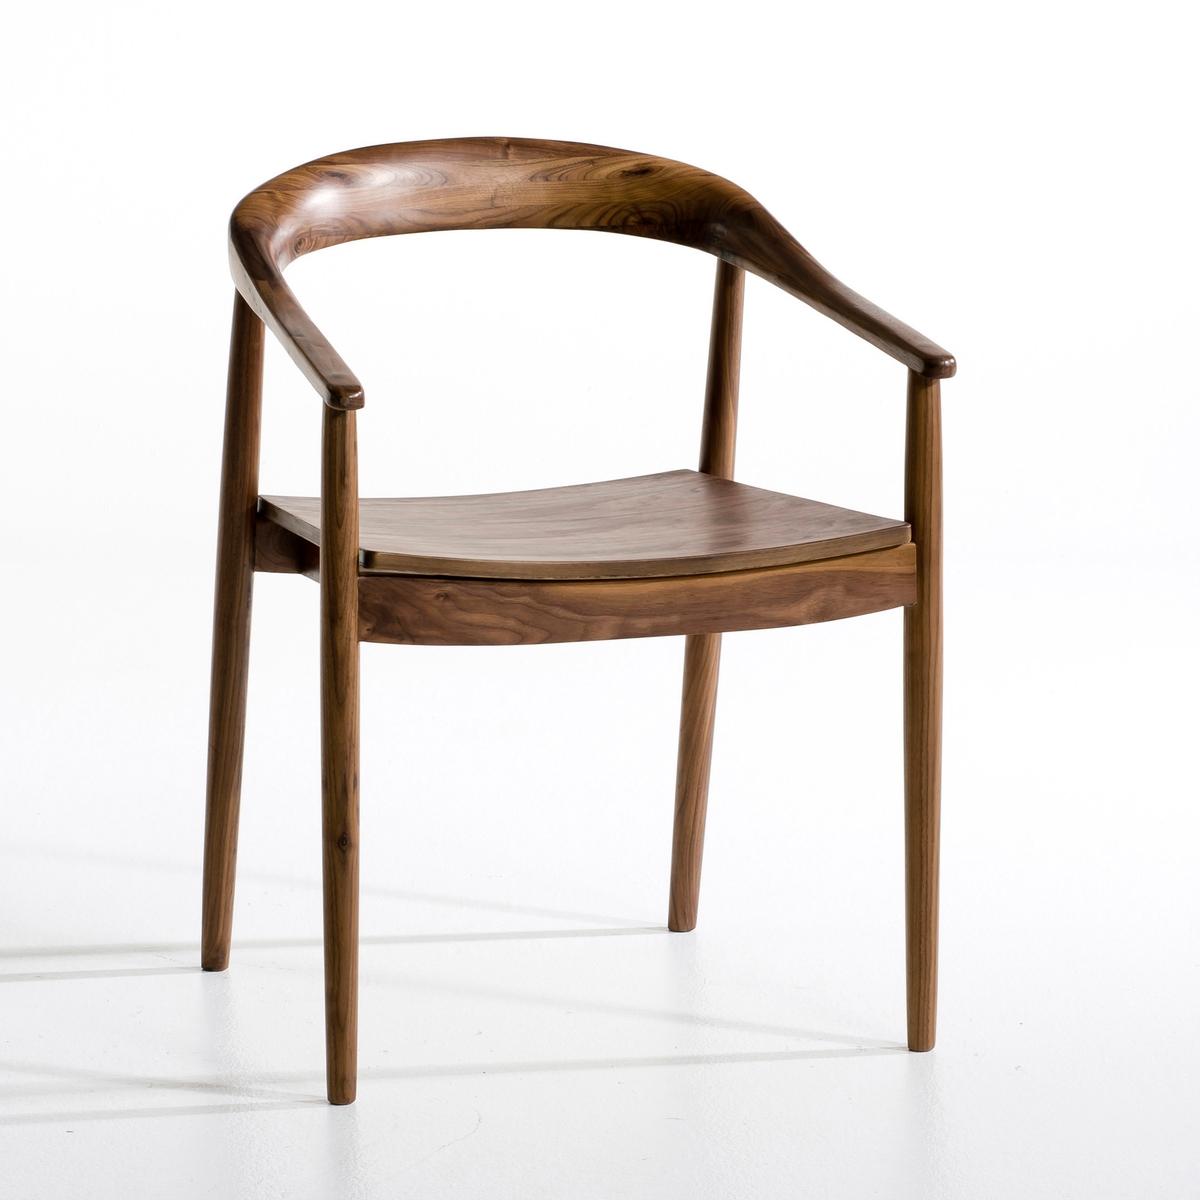 Кресло GalbКресло из массива дуба или орехового дерева.Элегантное кресло изящного дизайна с вогнутыми линиями, очень комфортное. Сиденье из многослойной фанеры, покрытой шпоном орехового дерева или дуба.         Шир..57,5 x Гл..48 x Выс..80 см.<br><br>Цвет: дерево орех,светлый дуб<br>Размер: один